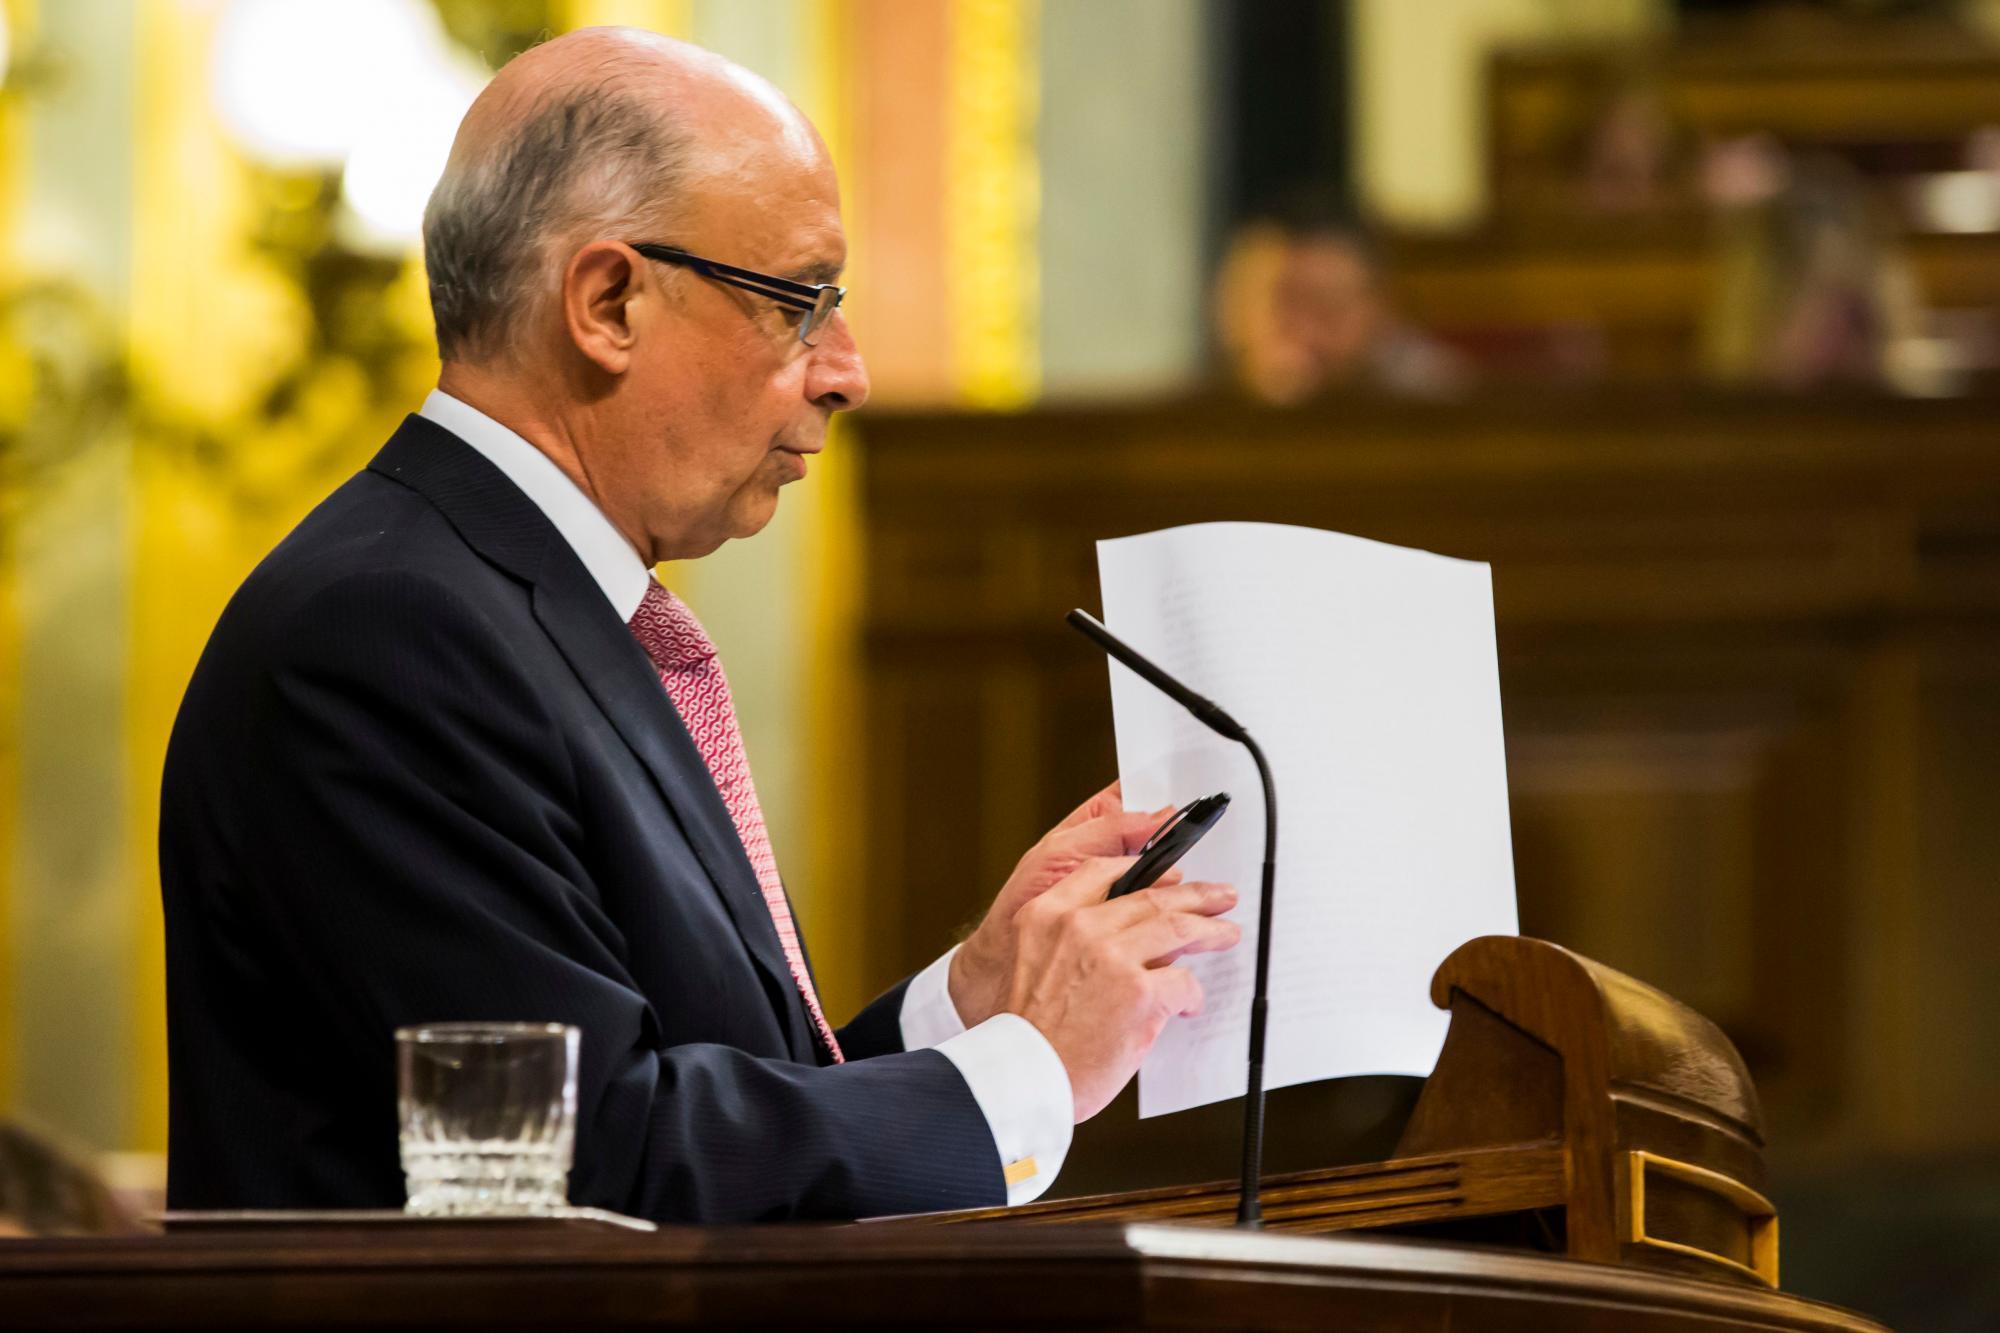 Cristóbal Montoro durante el Debate de los Presupuestos Generales del Estado en 2018 / Foto: Alberto R . Roldán